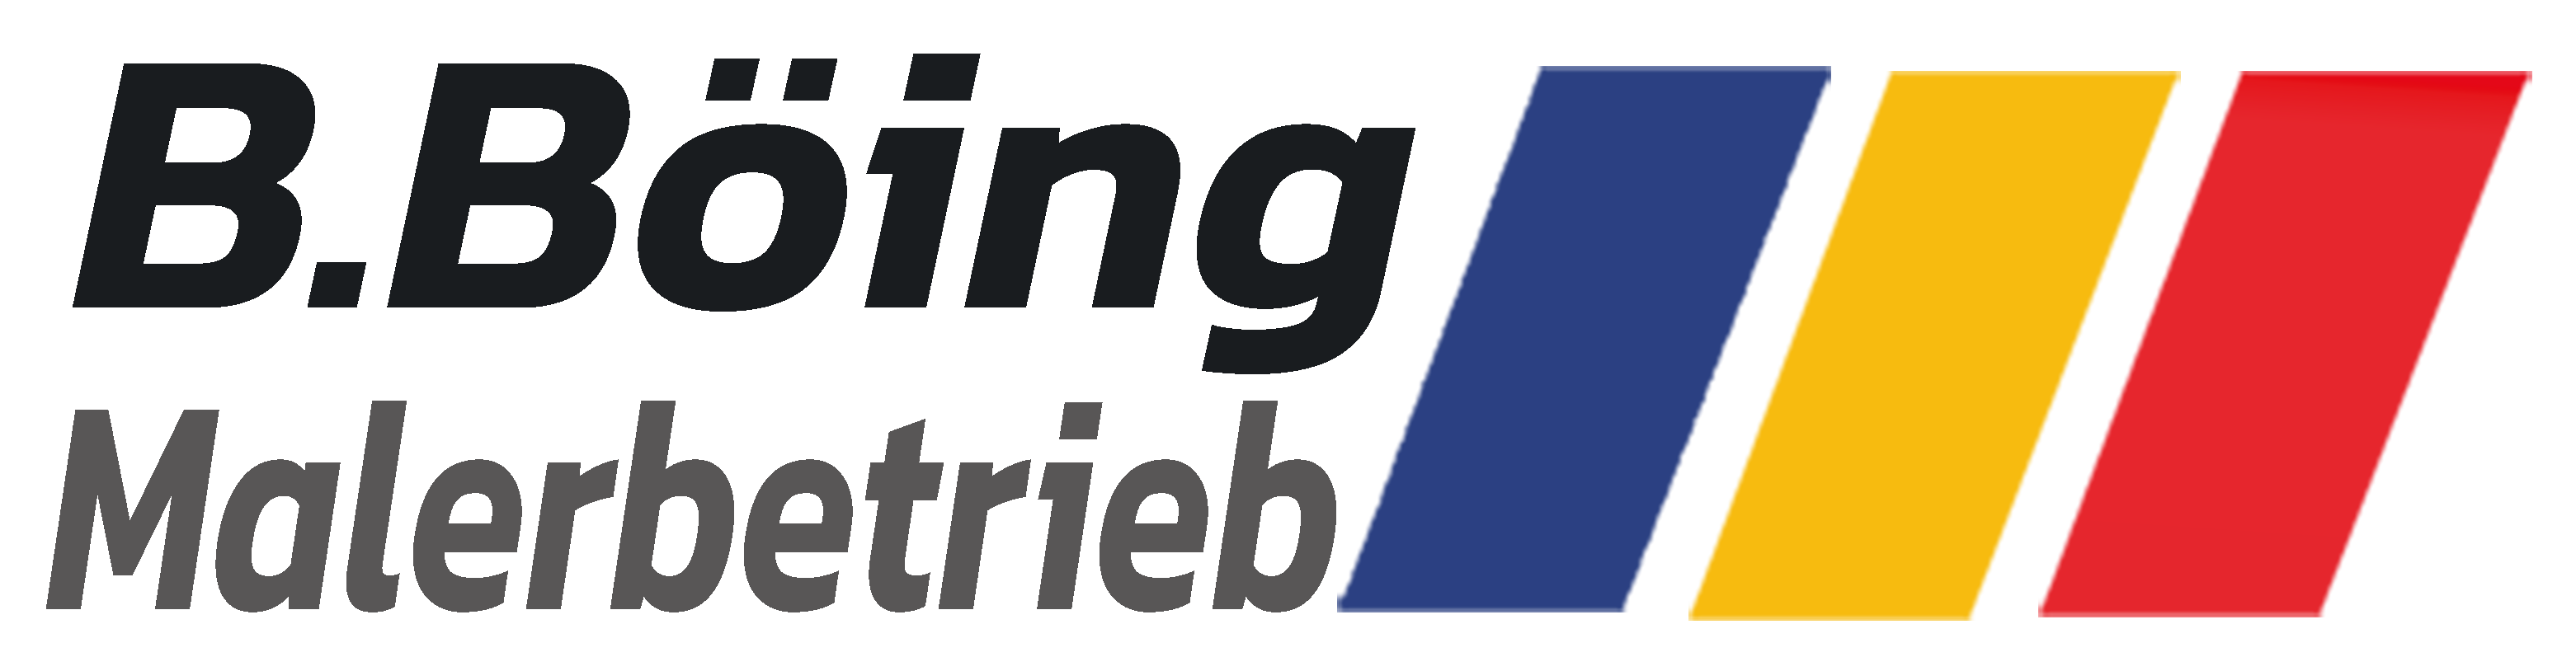 Malerbetrieb Bernd Böing